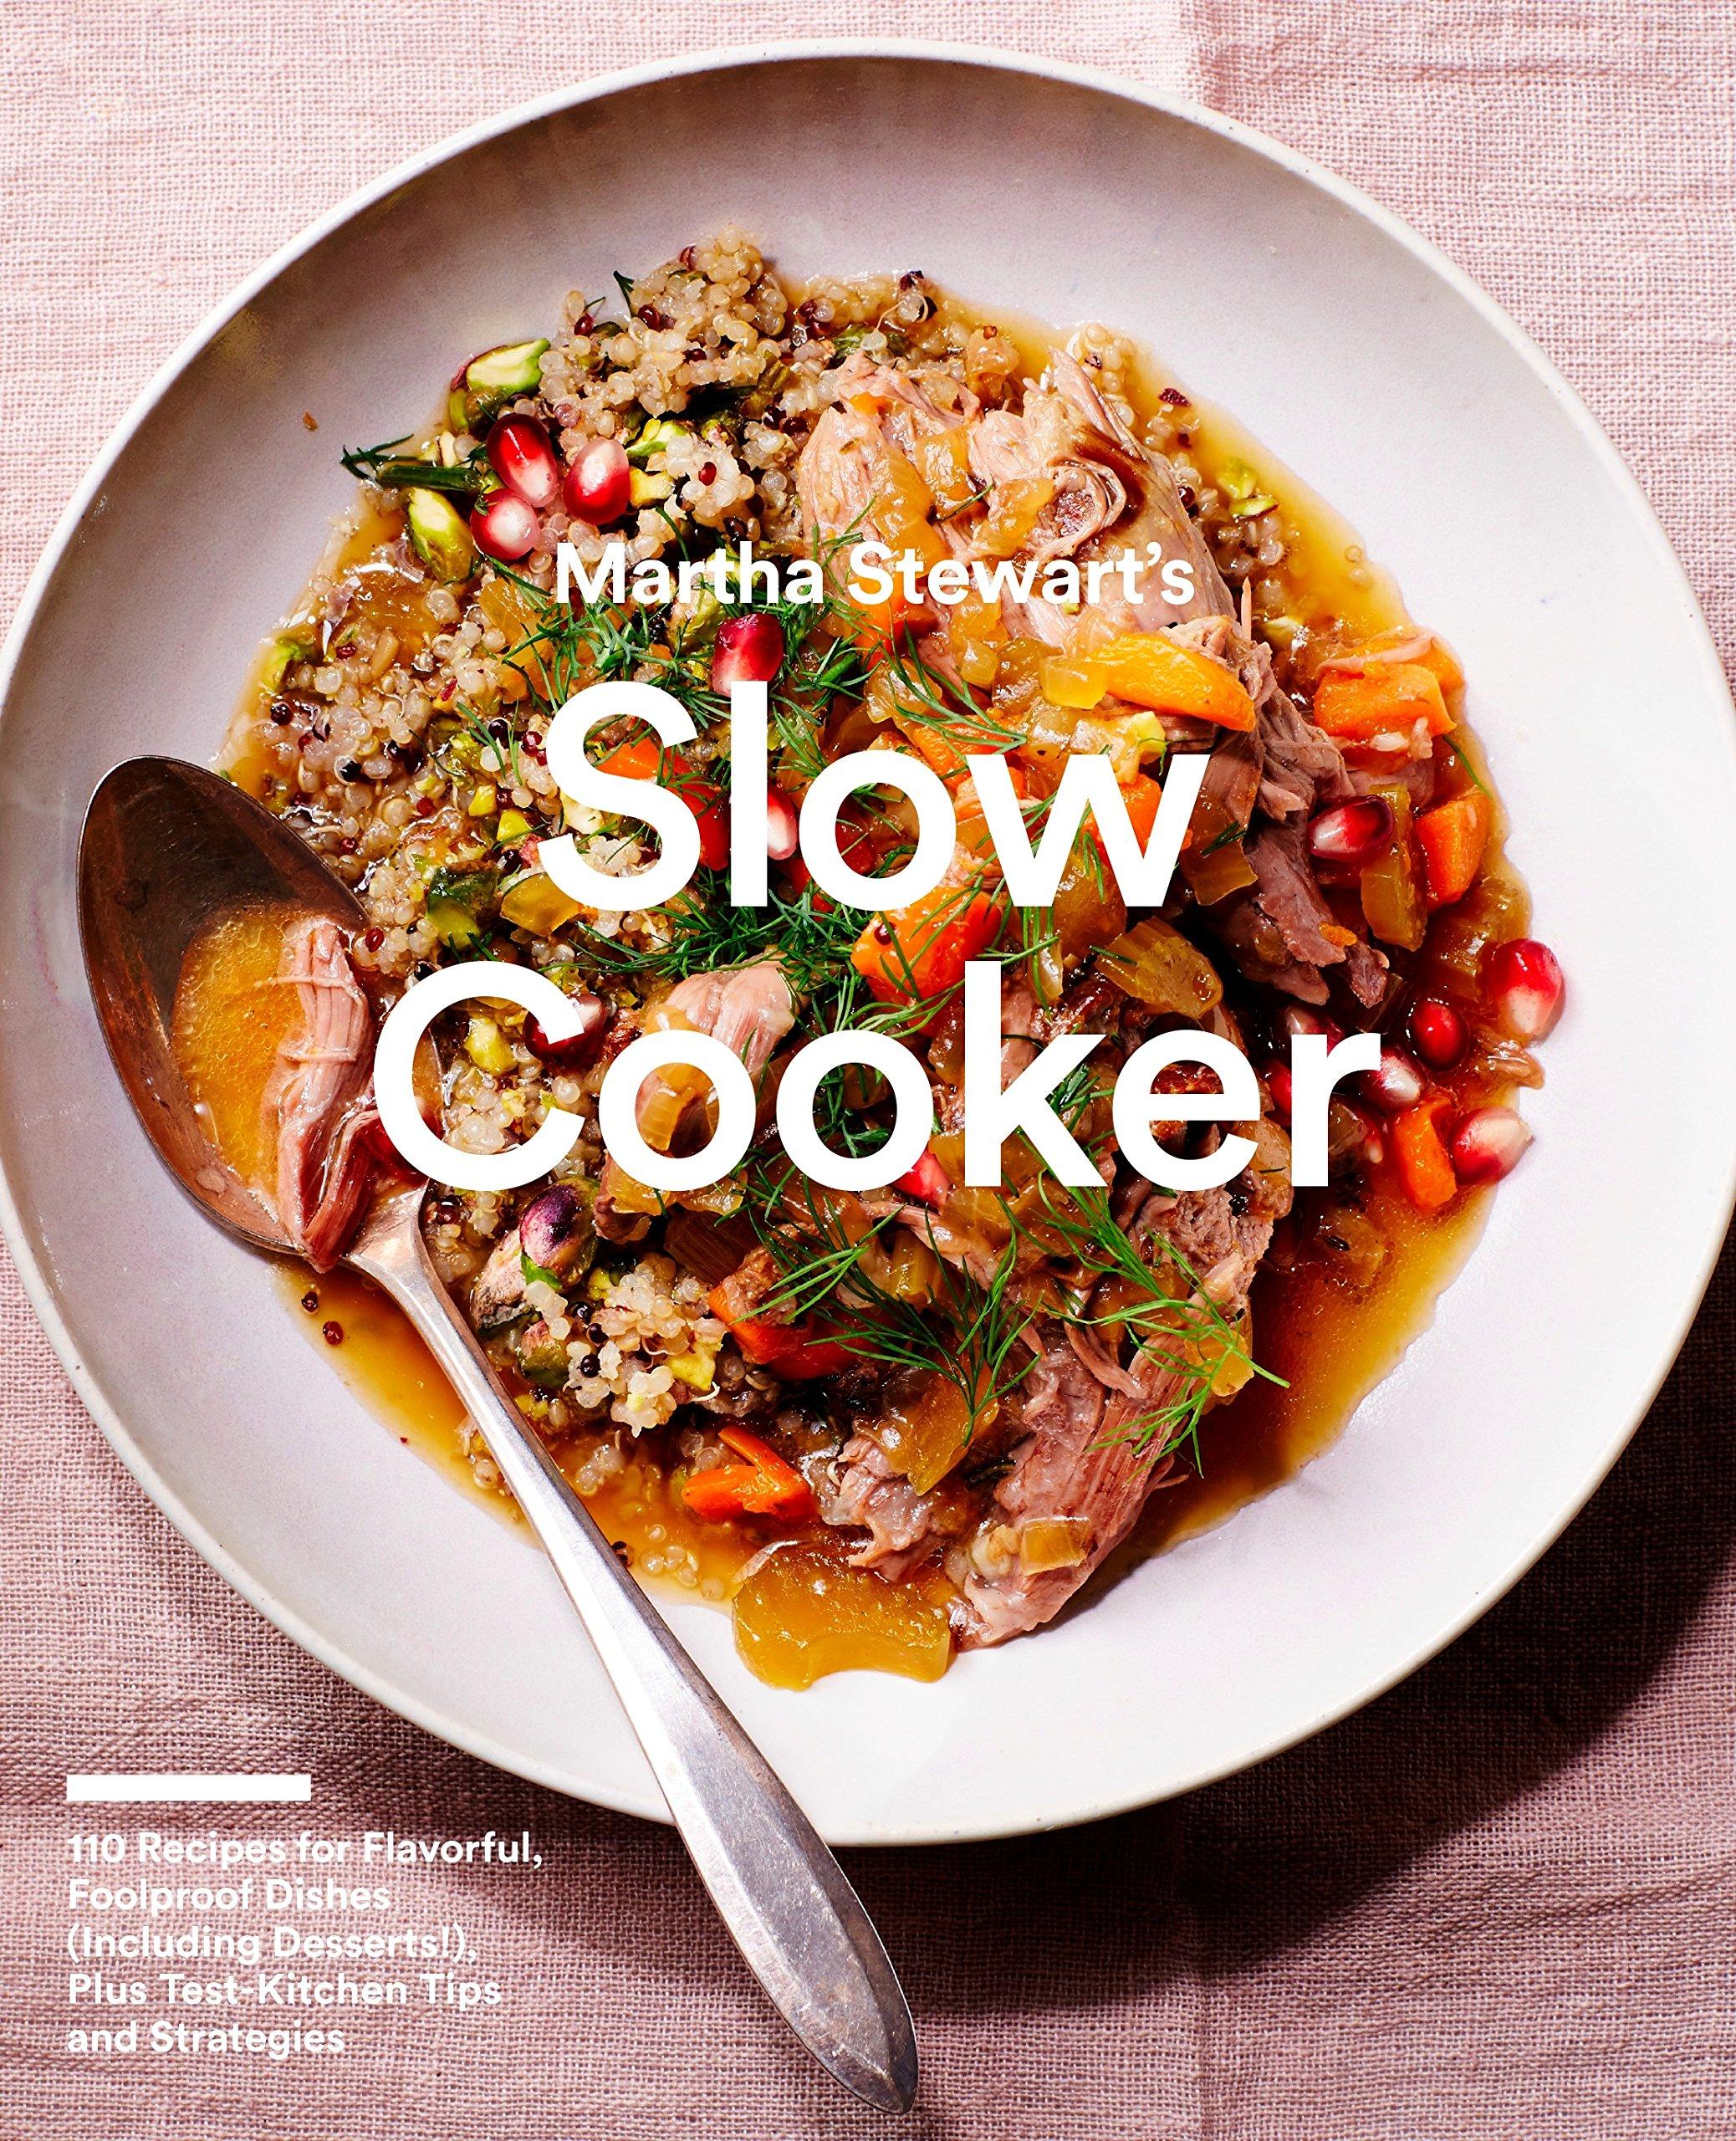 A1O0PYLnbwL - Martha Stewart's slow cooker